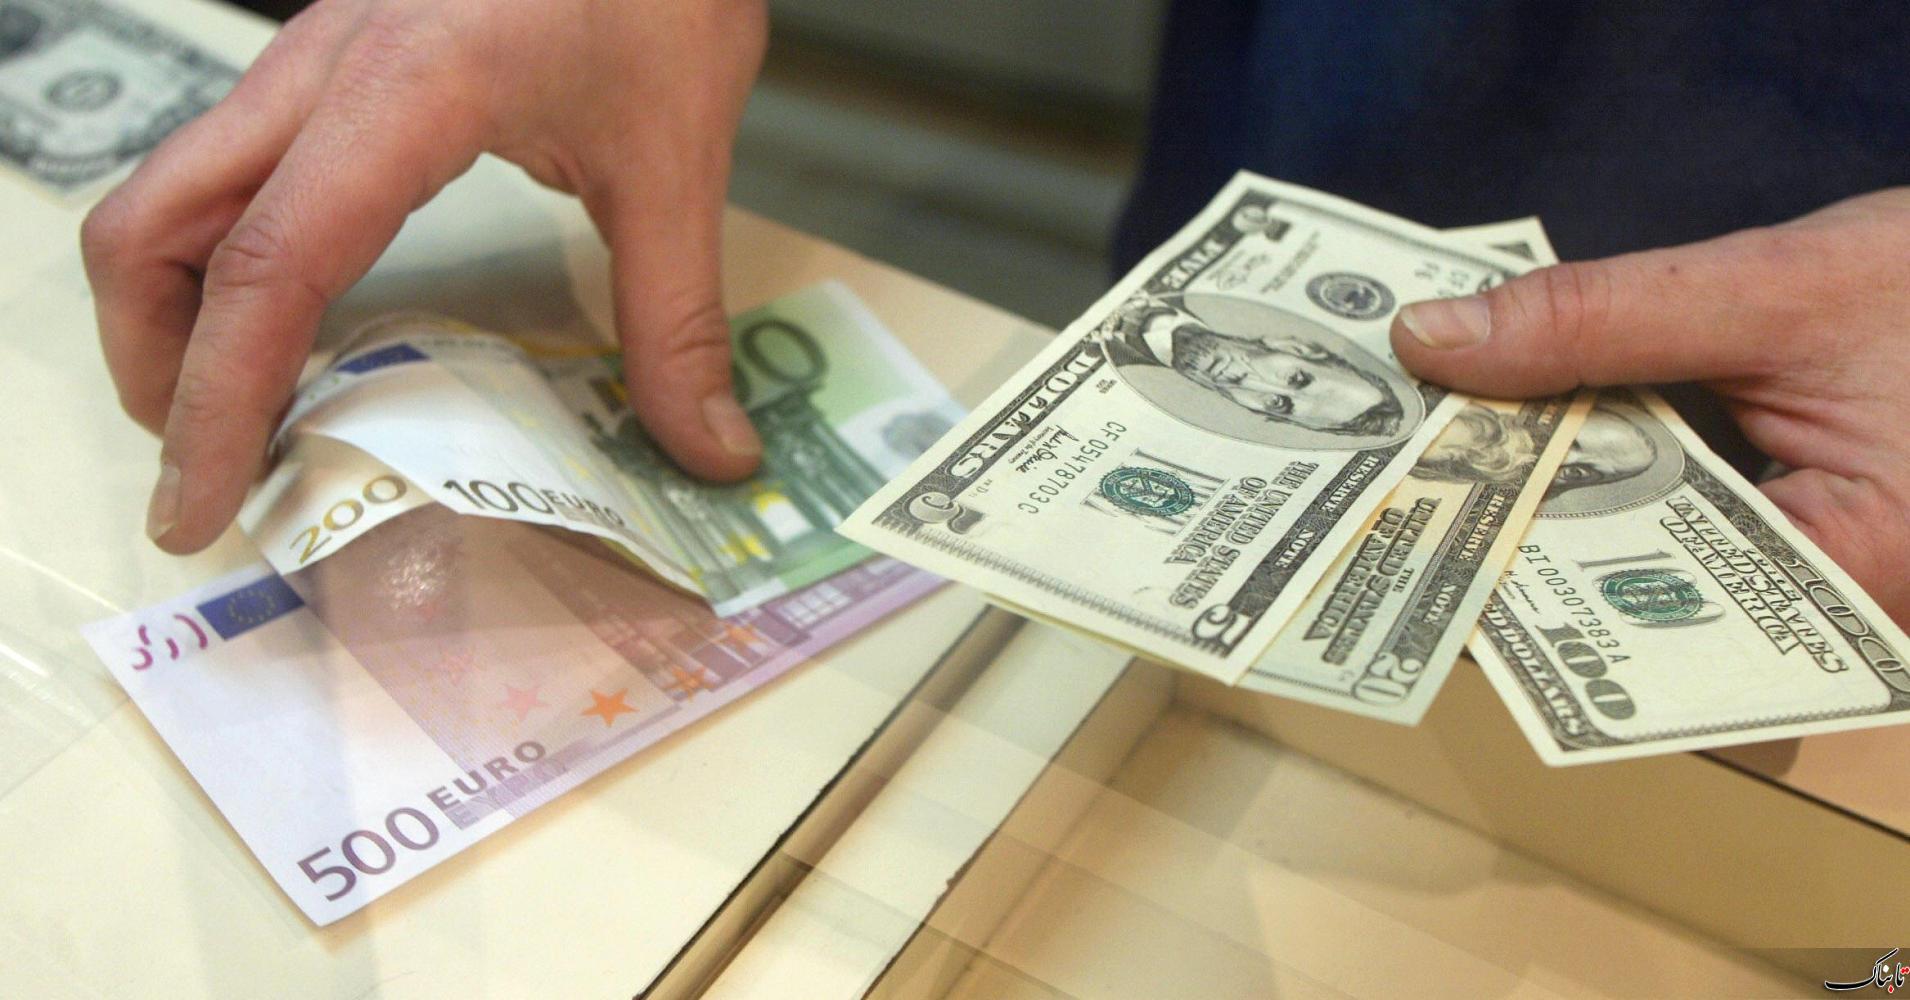 دلار پس از مدت ها 4 رقمی شد و سکه به کمترین قیمت در چند ماه اخیر رسید/ بازار ارز تحت تاثیر سیگنال های مثبت از اروپا، چین و بانک مرکزی